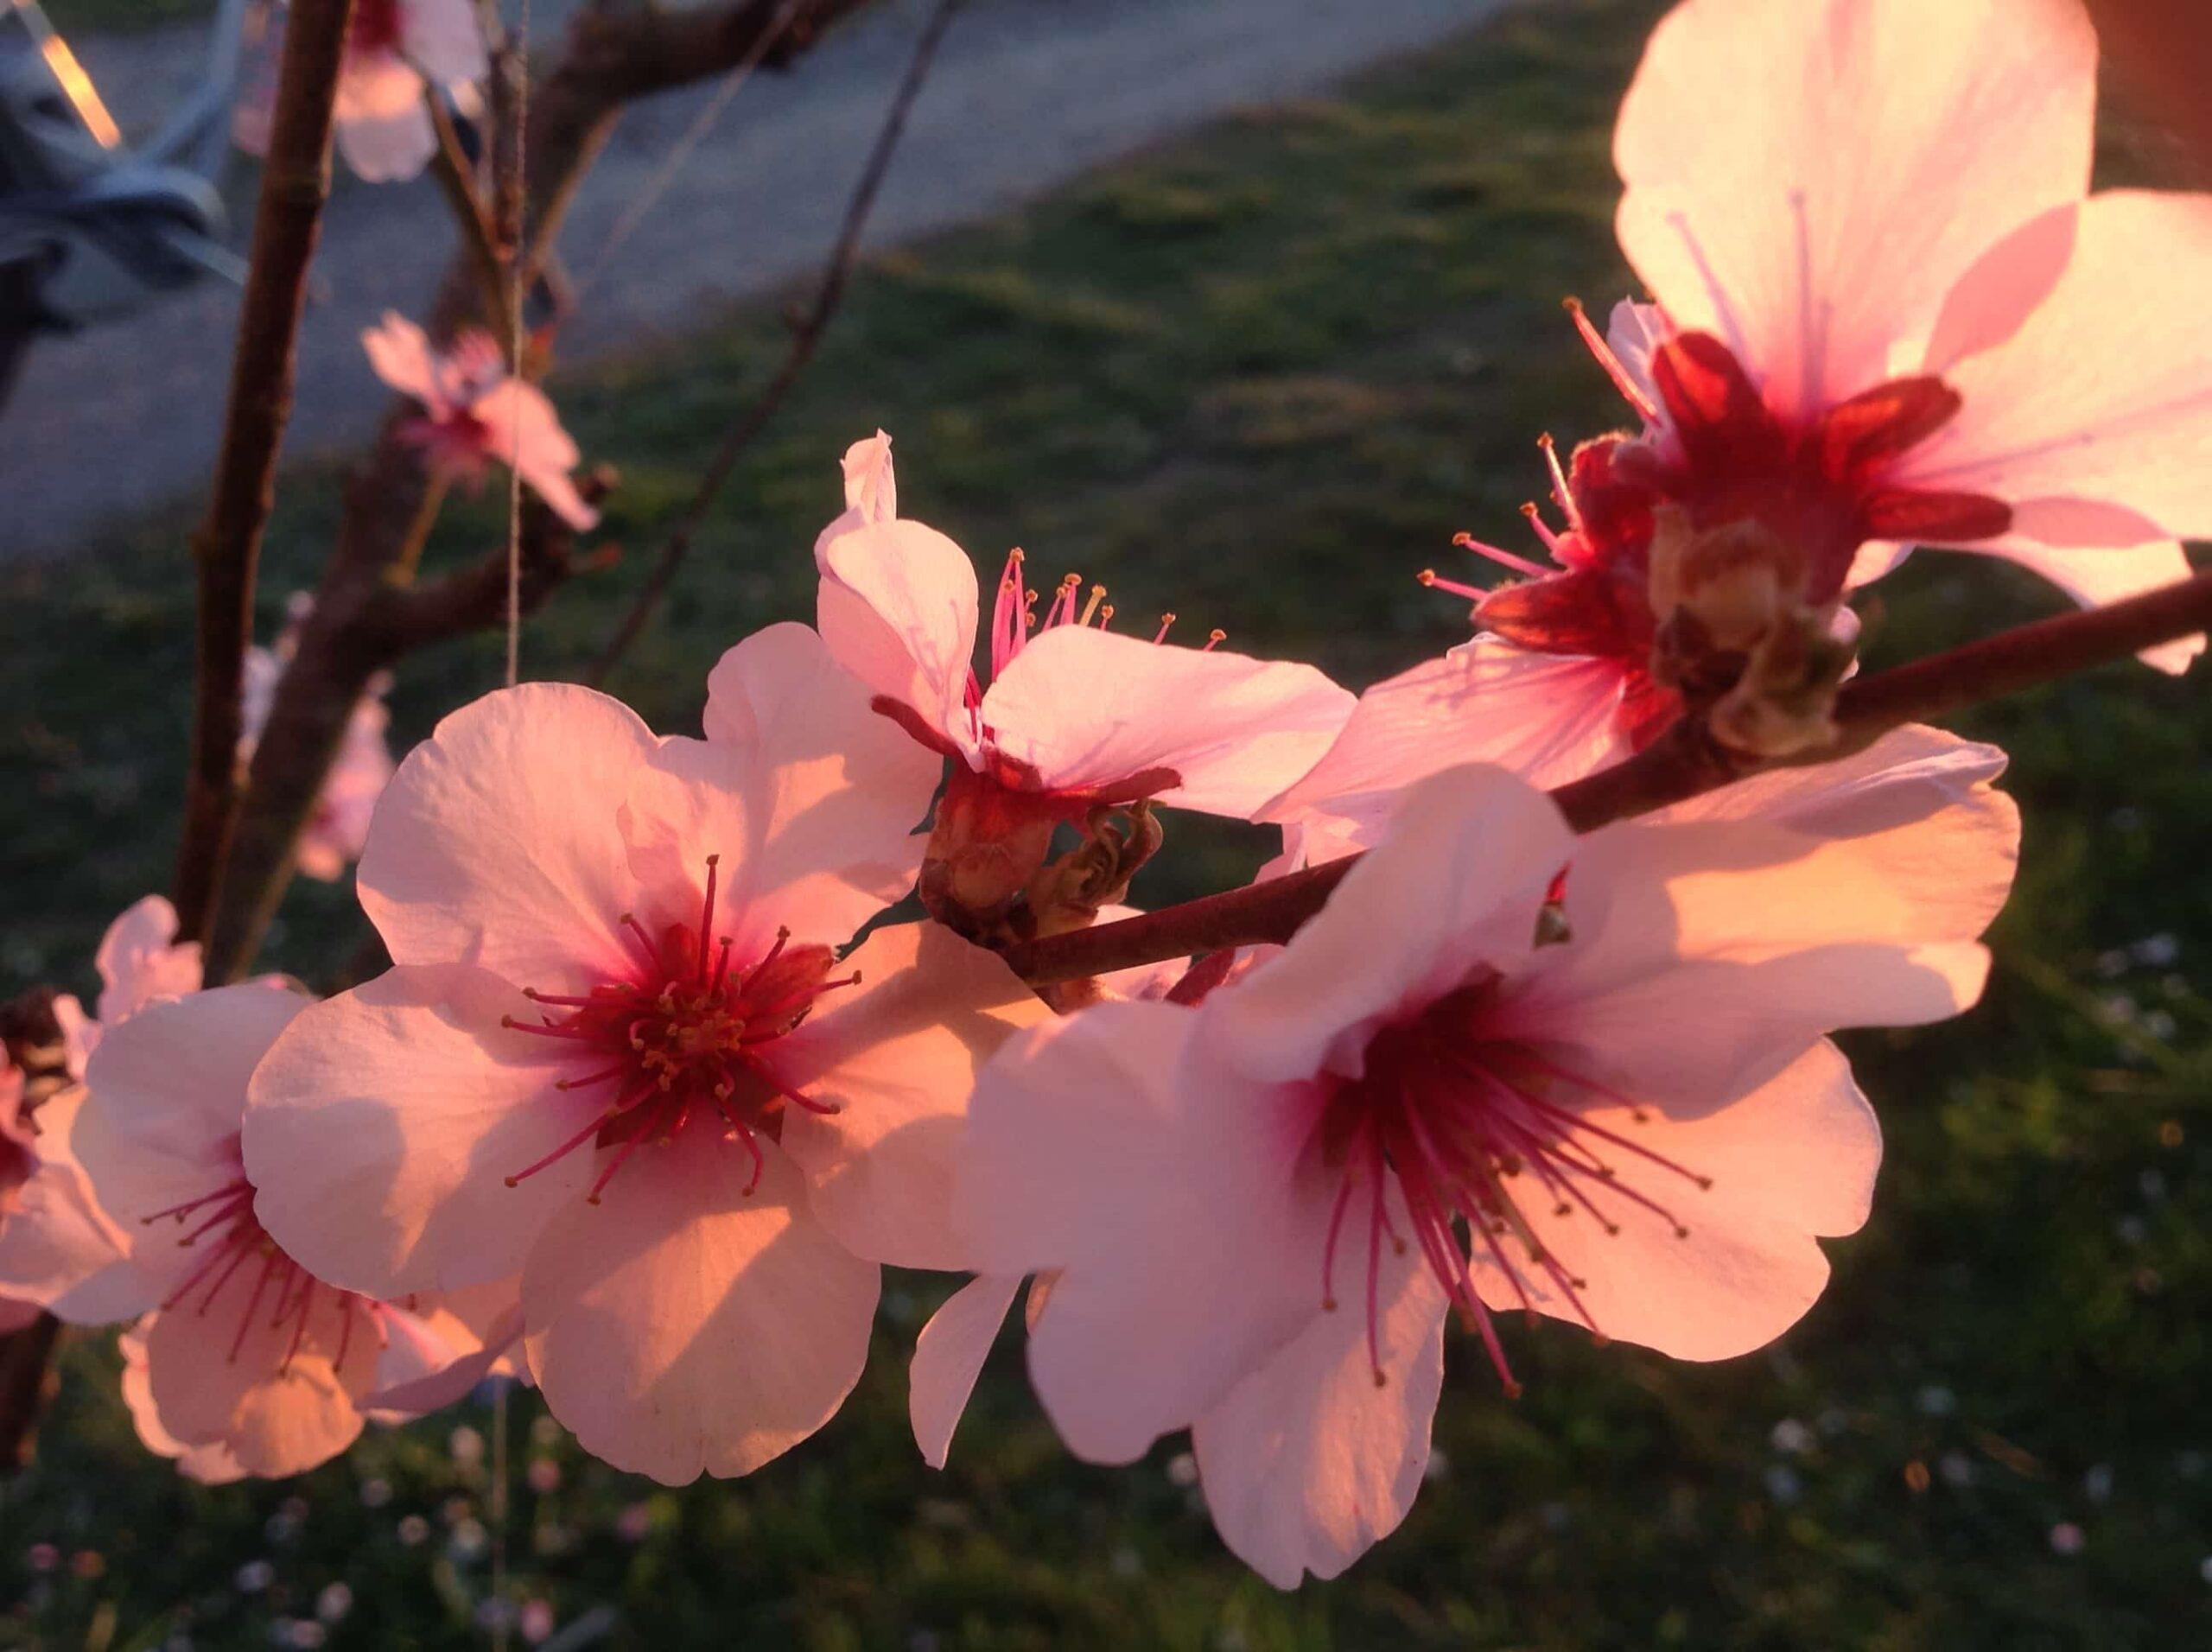 Blumen Magnolia Foto 22.03.20, 18 27 25